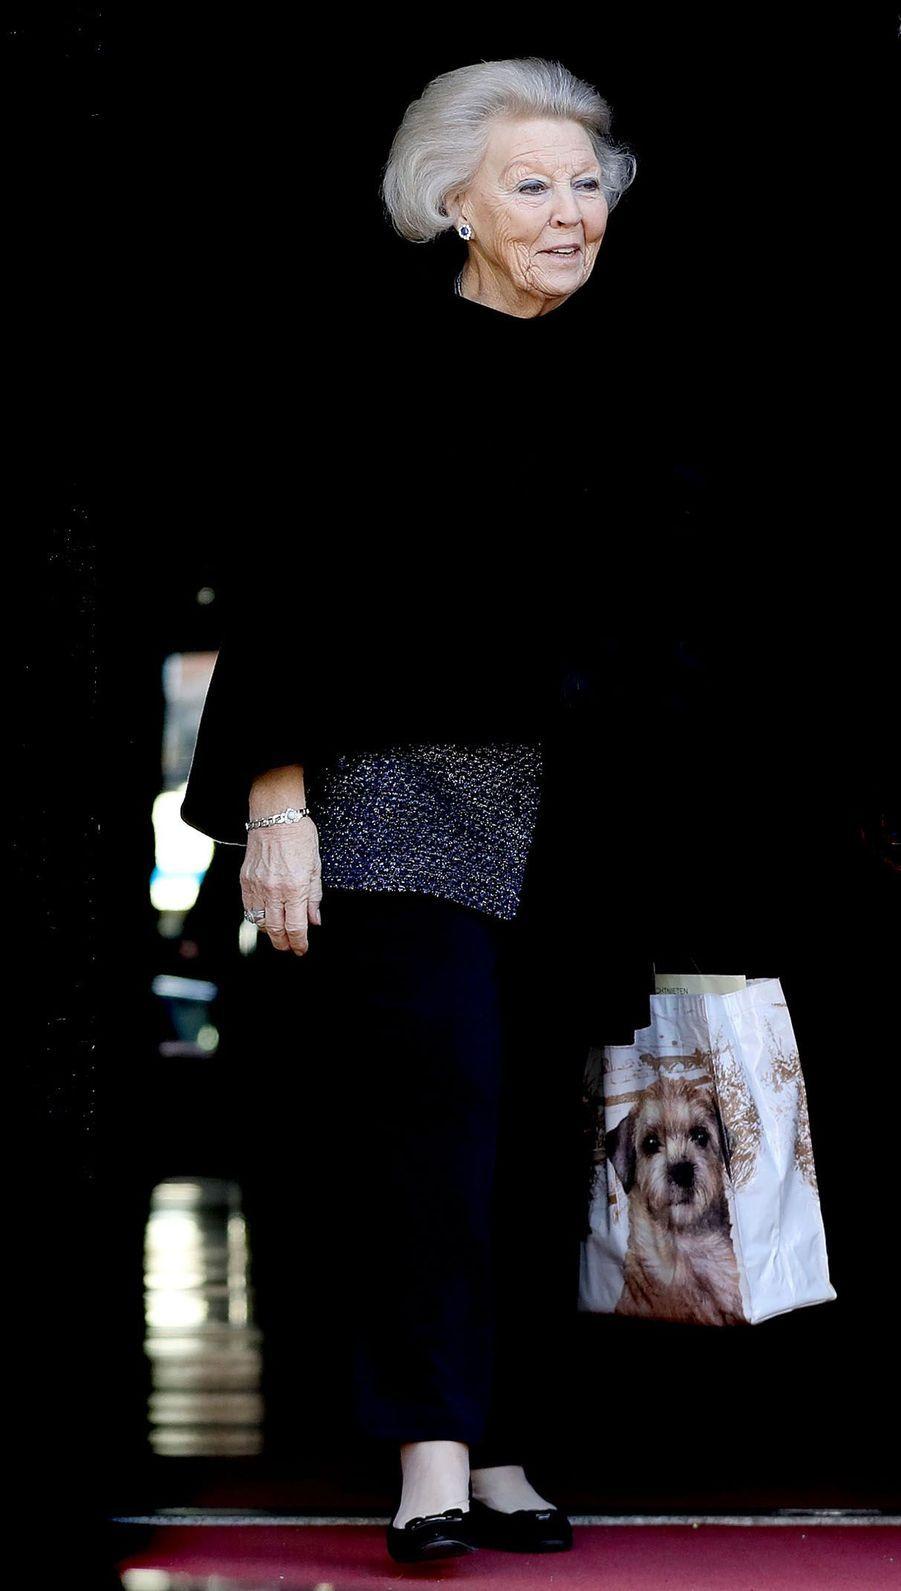 La princesse Beatrix des Pays-Bas à Amsterdam, le 4 février 2018